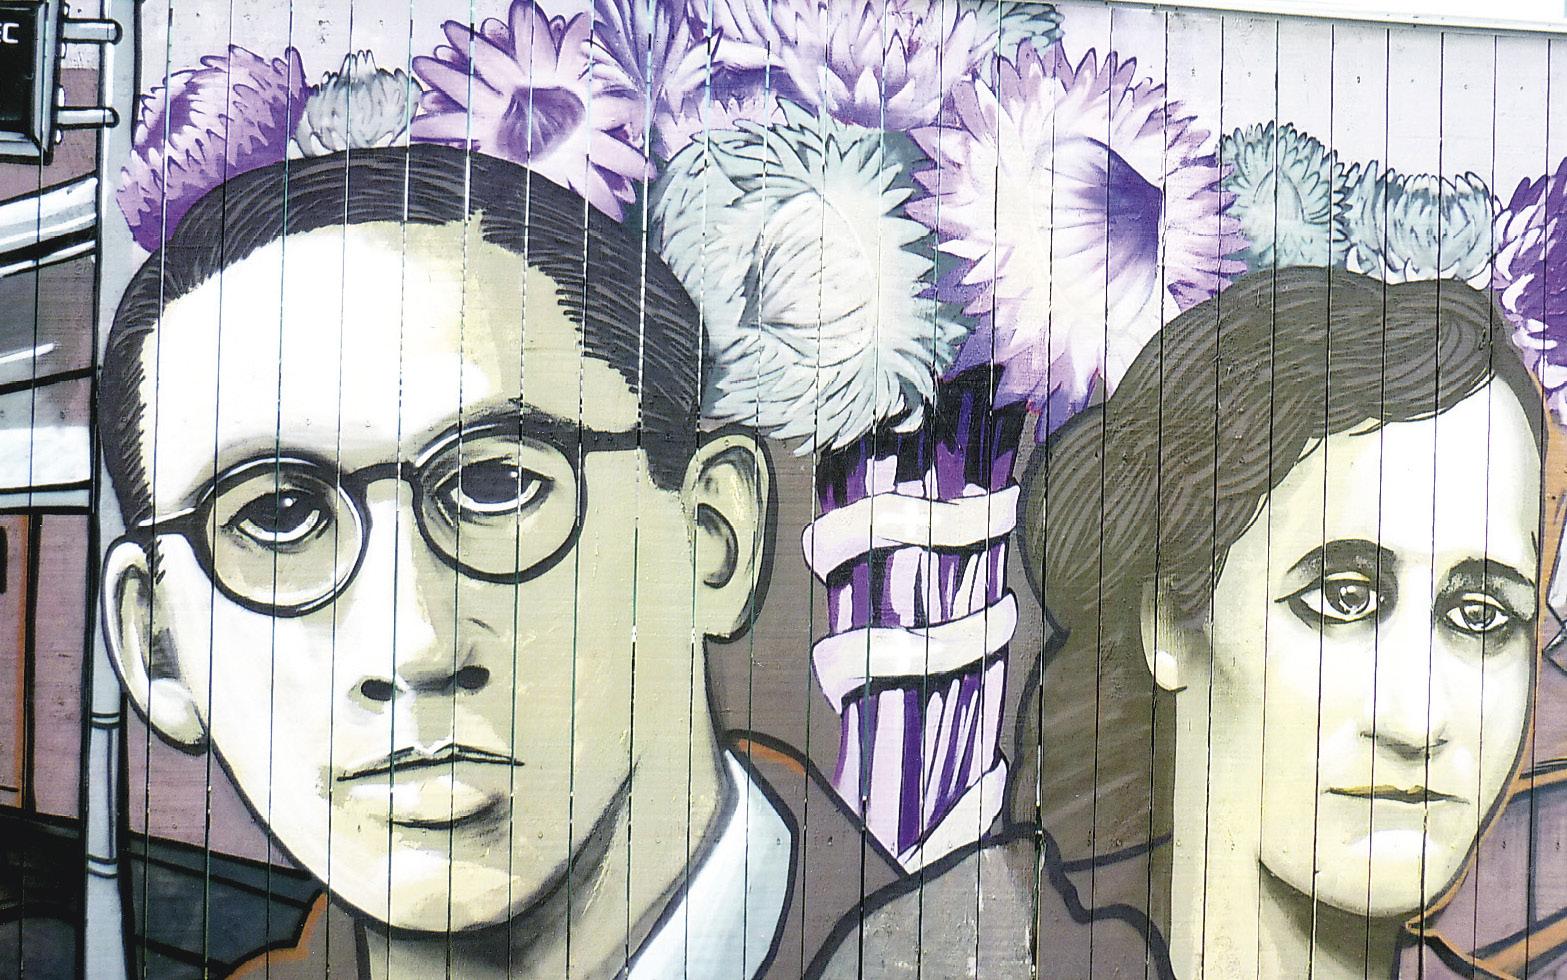 Marcel Callo e a irmã Madeleine num mural pintado em Rennes.